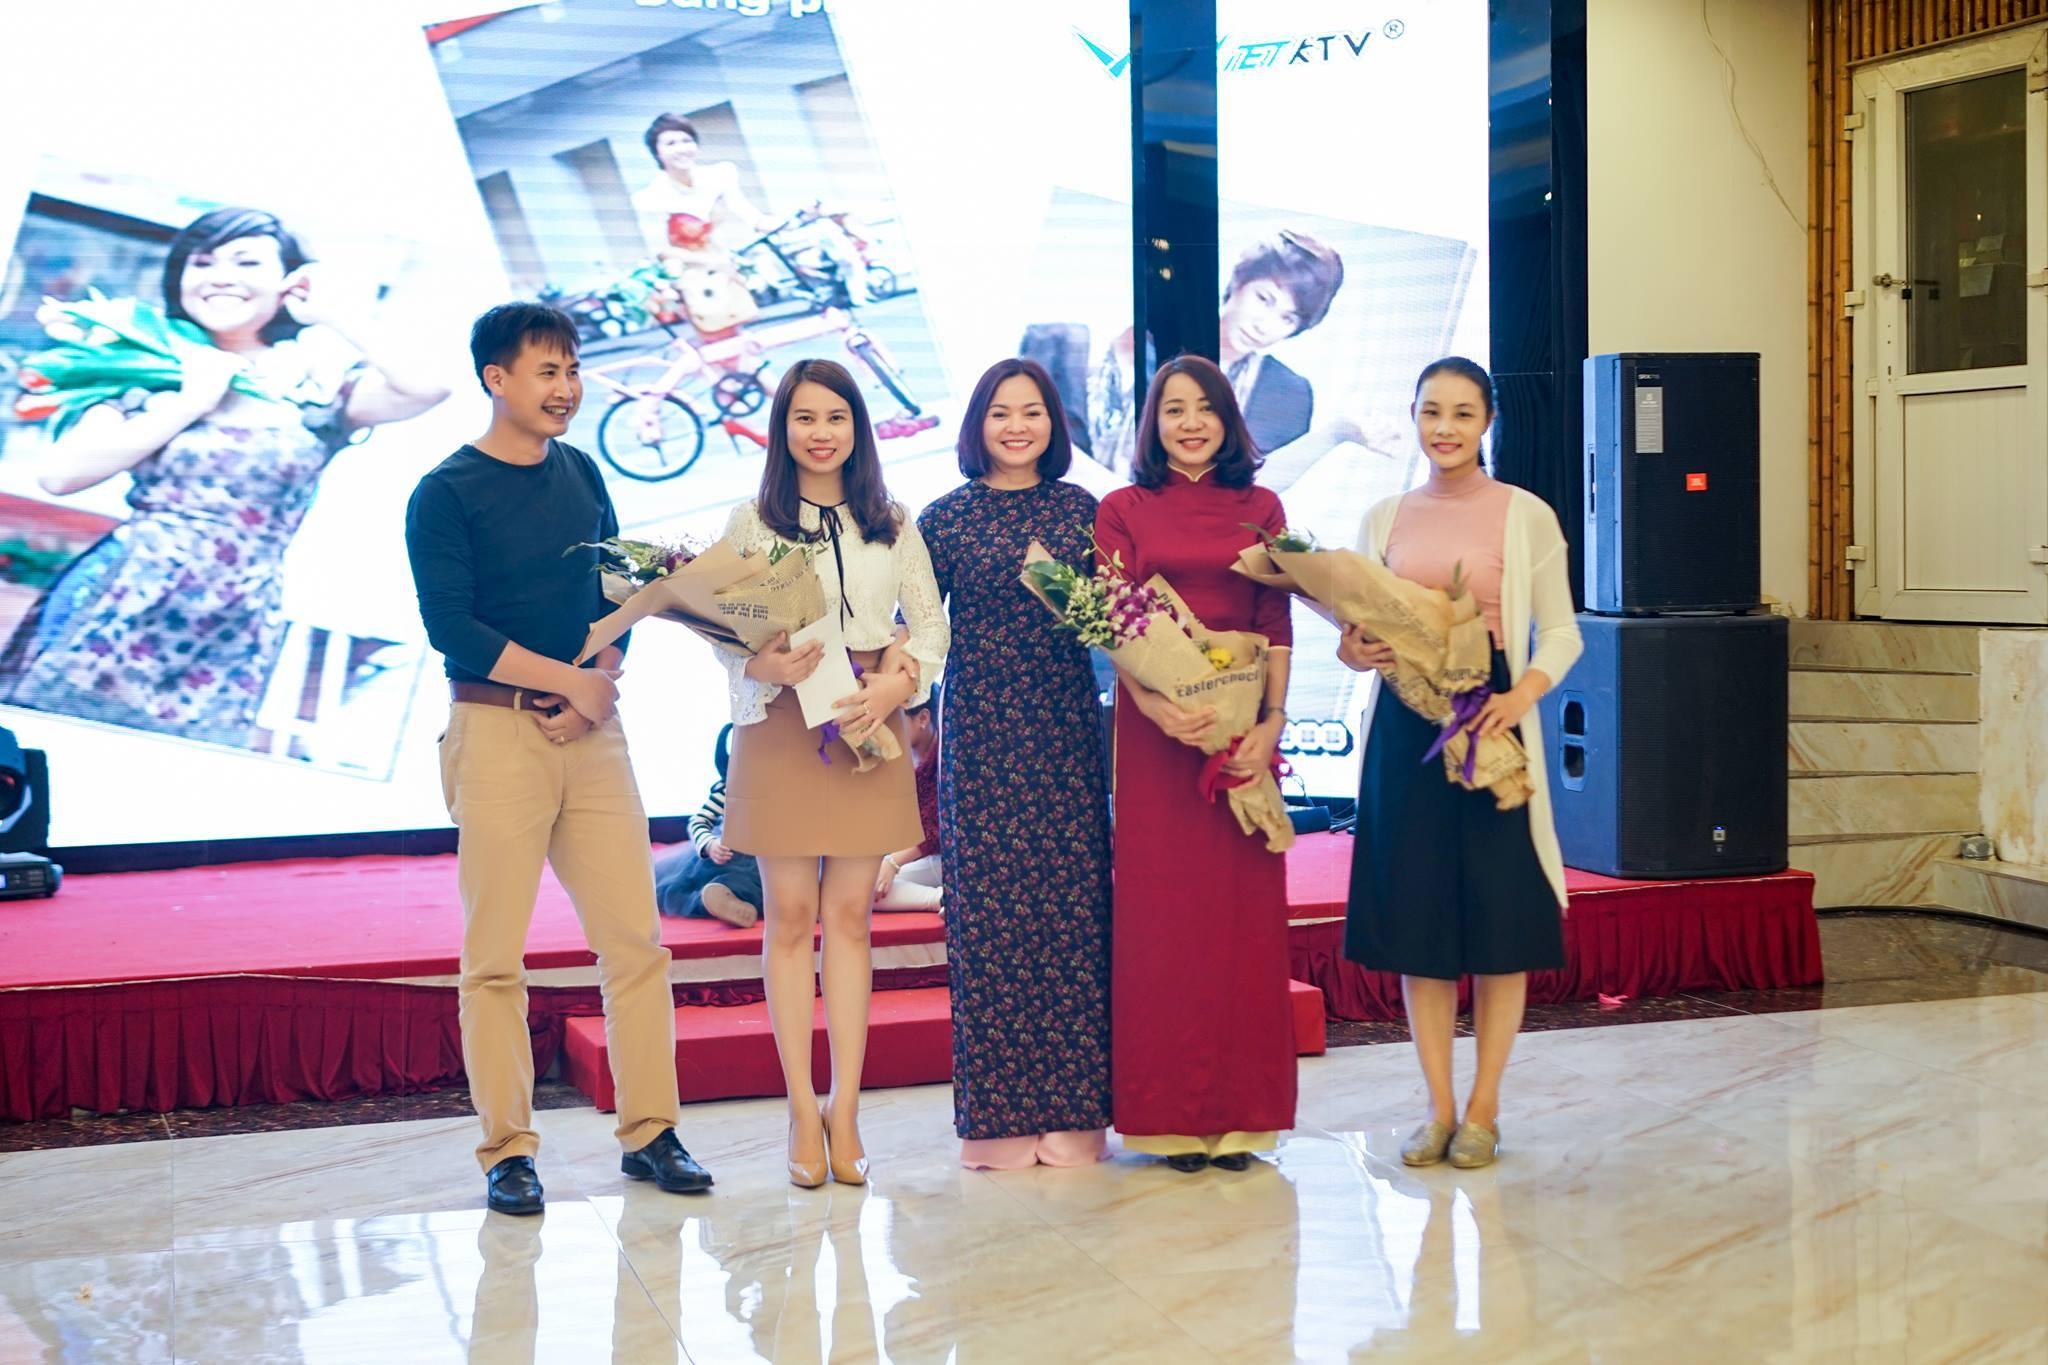 Vinh danh Cán bộ quản lý của Nhà trường: Cô Huyền Ngọc, cô Vi Dung, cô Thùy Dung